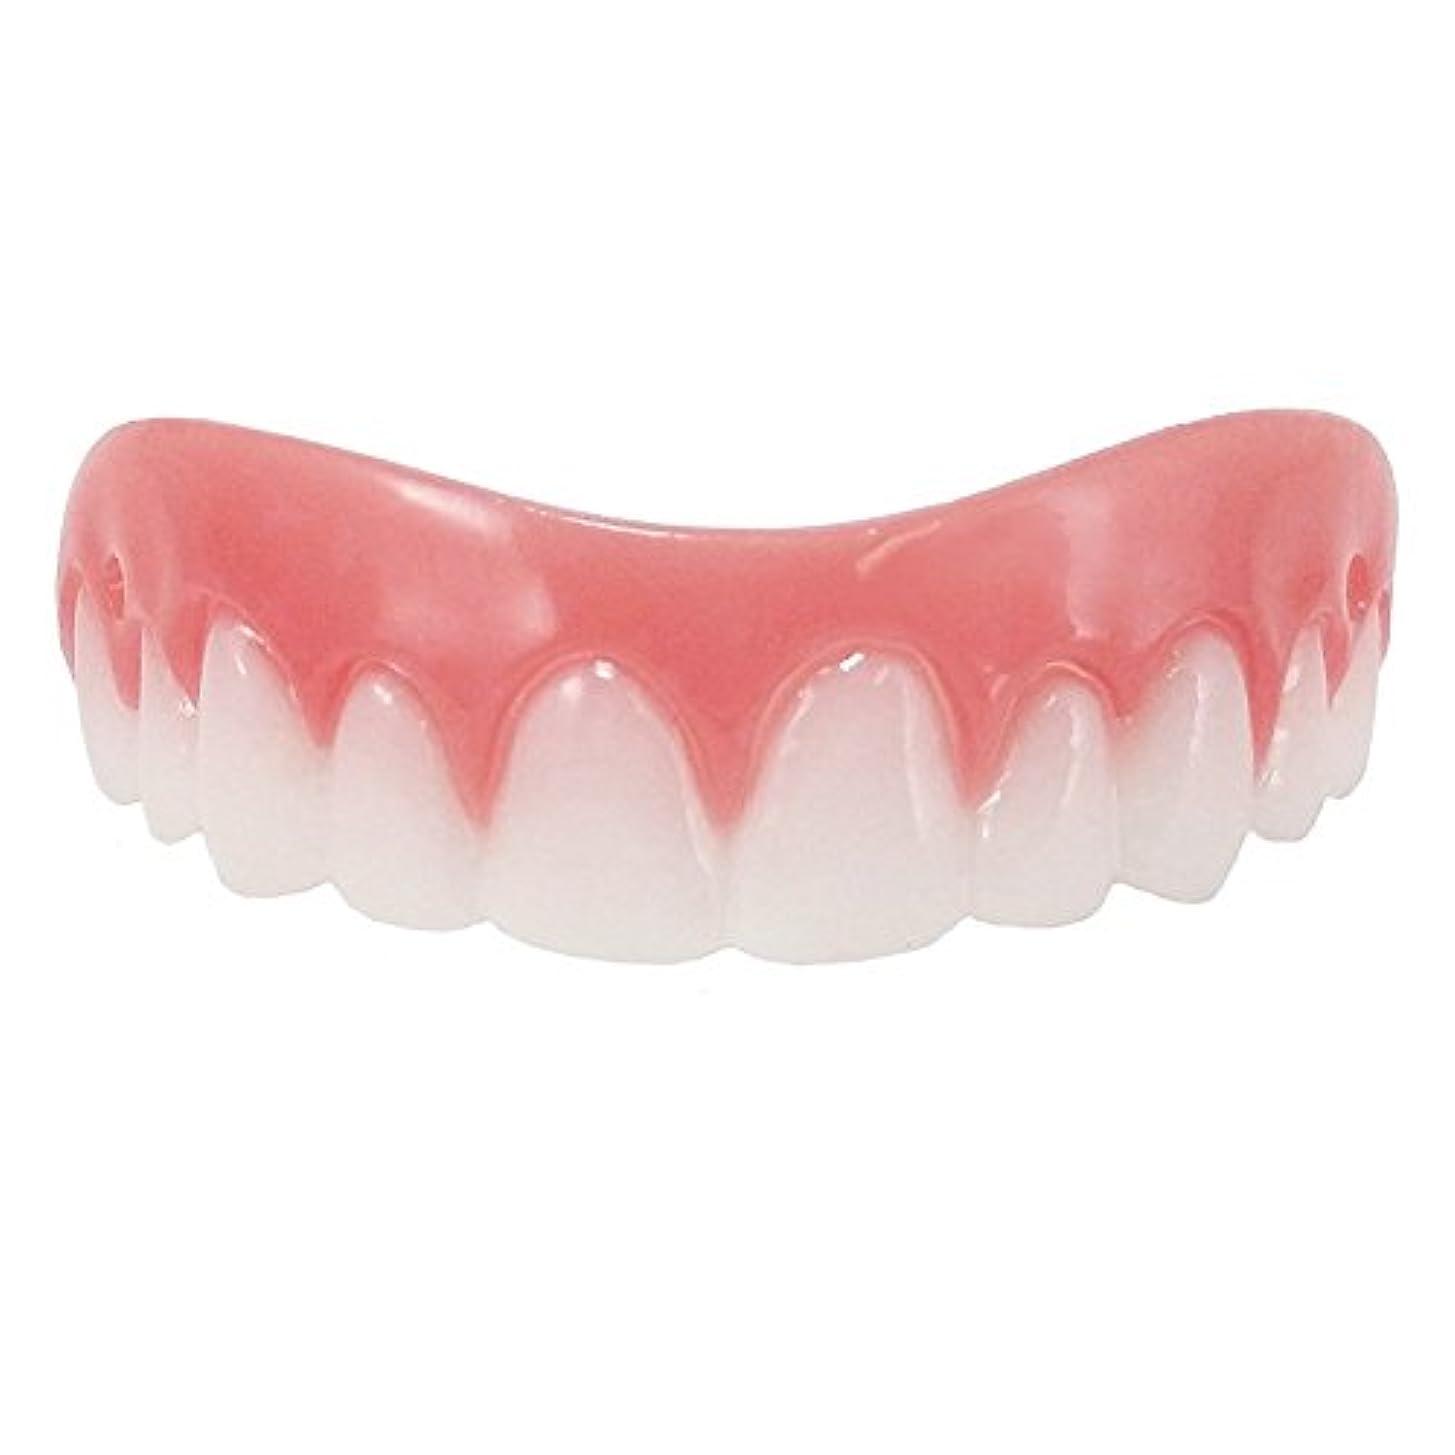 見る出します緩めるシリコン義歯ペースト 美容用 入れ歯 上歯 下歯2個セット (free size)